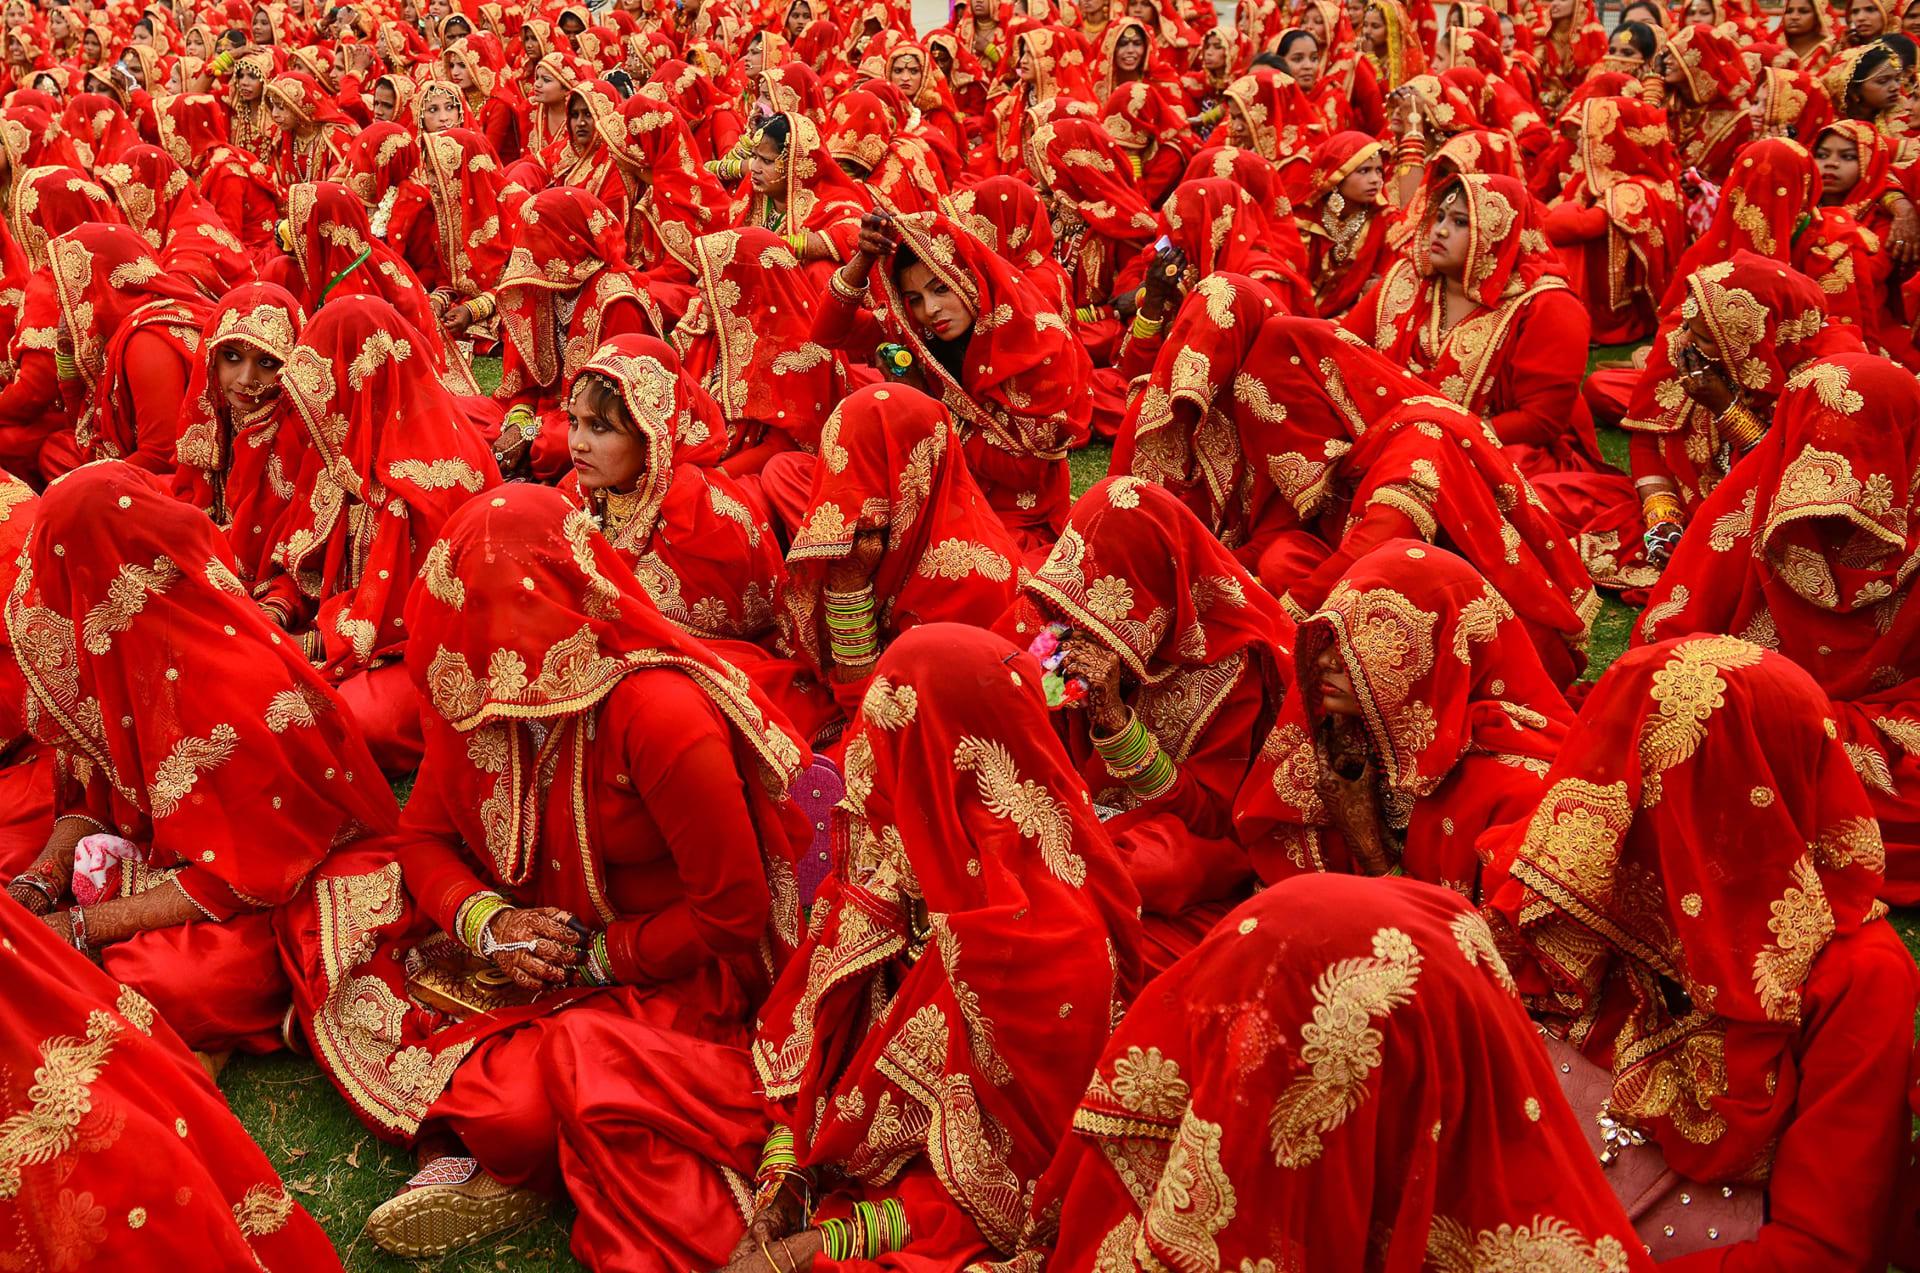 حفلات الزفاف الهندية في زمن الكورونا.. كيف تغيرت؟